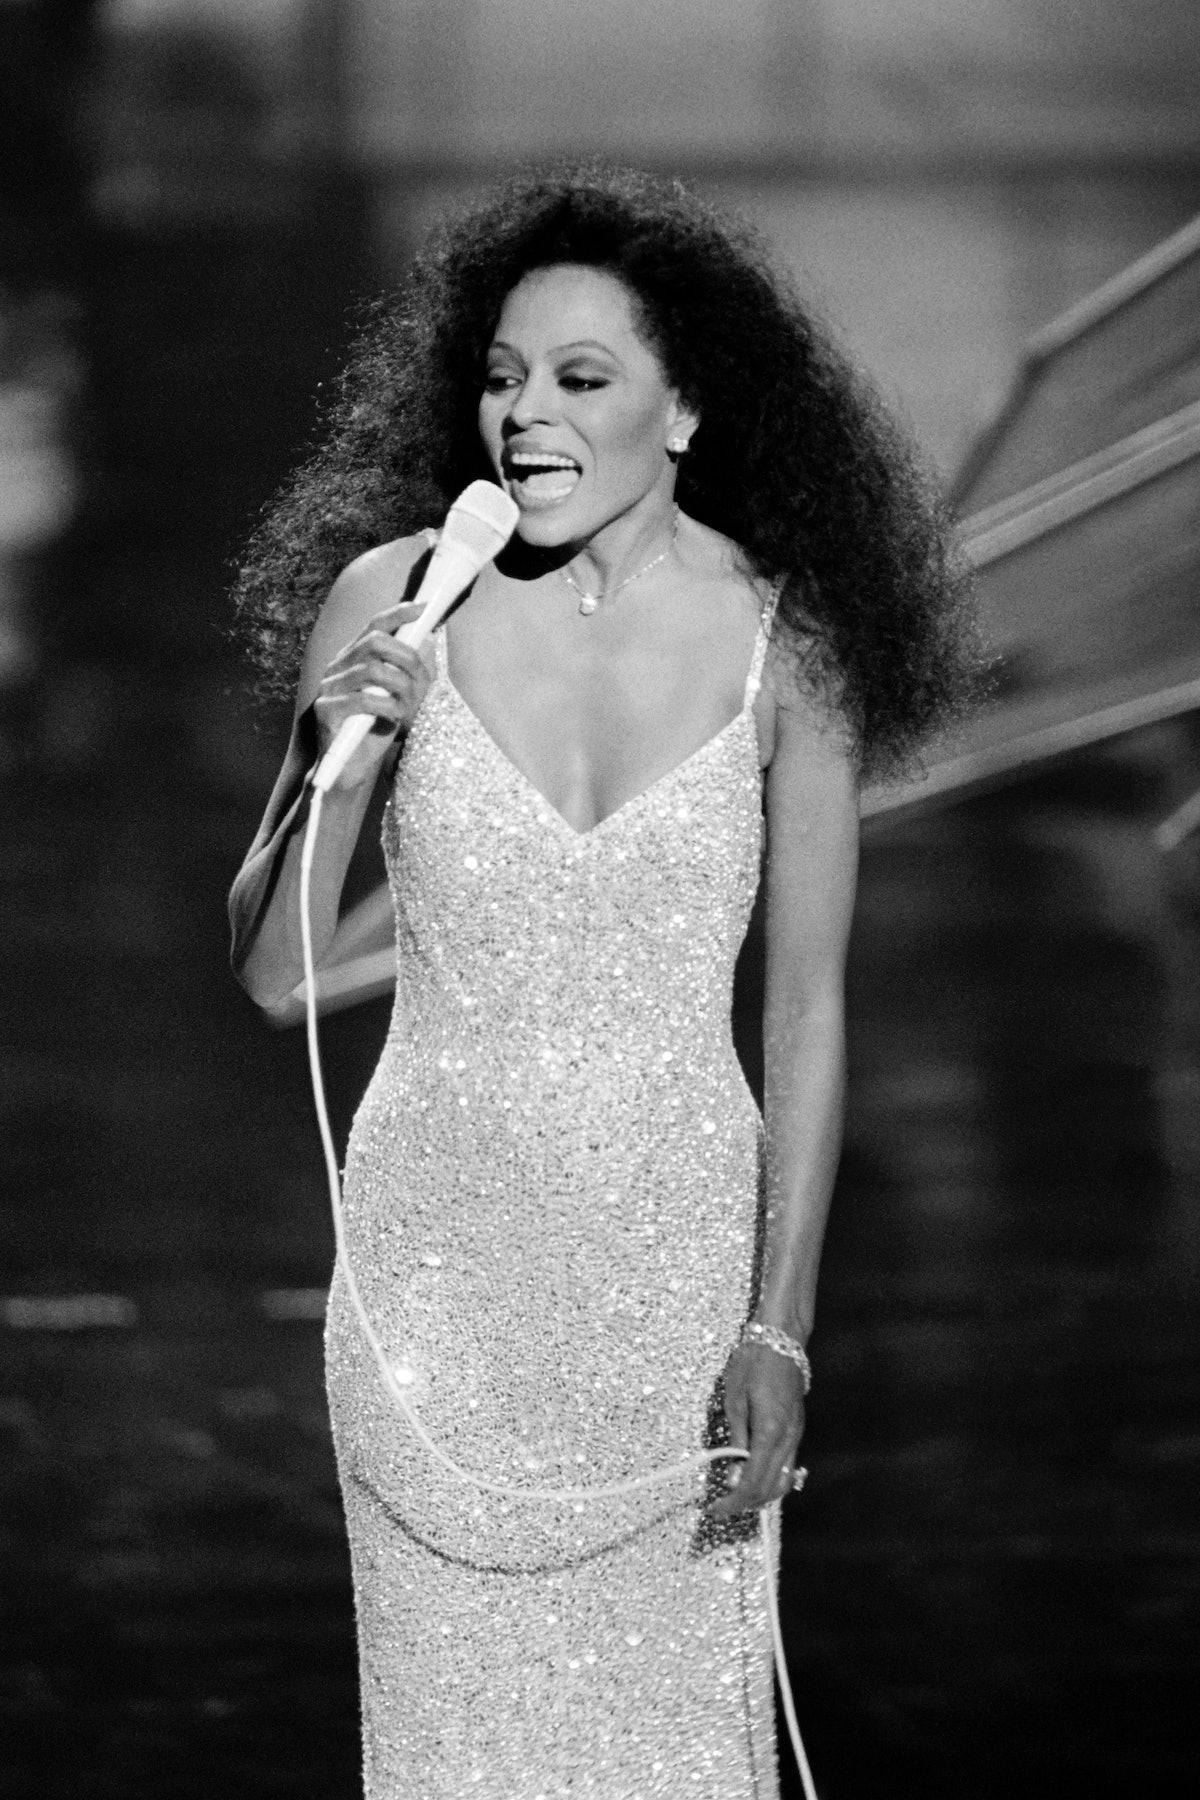 خواننده آمریکایی دایانا راس در 25 مارس 1985 در طول پنجاه و پنجمین دوره جوایز اسکار اجرا کرد